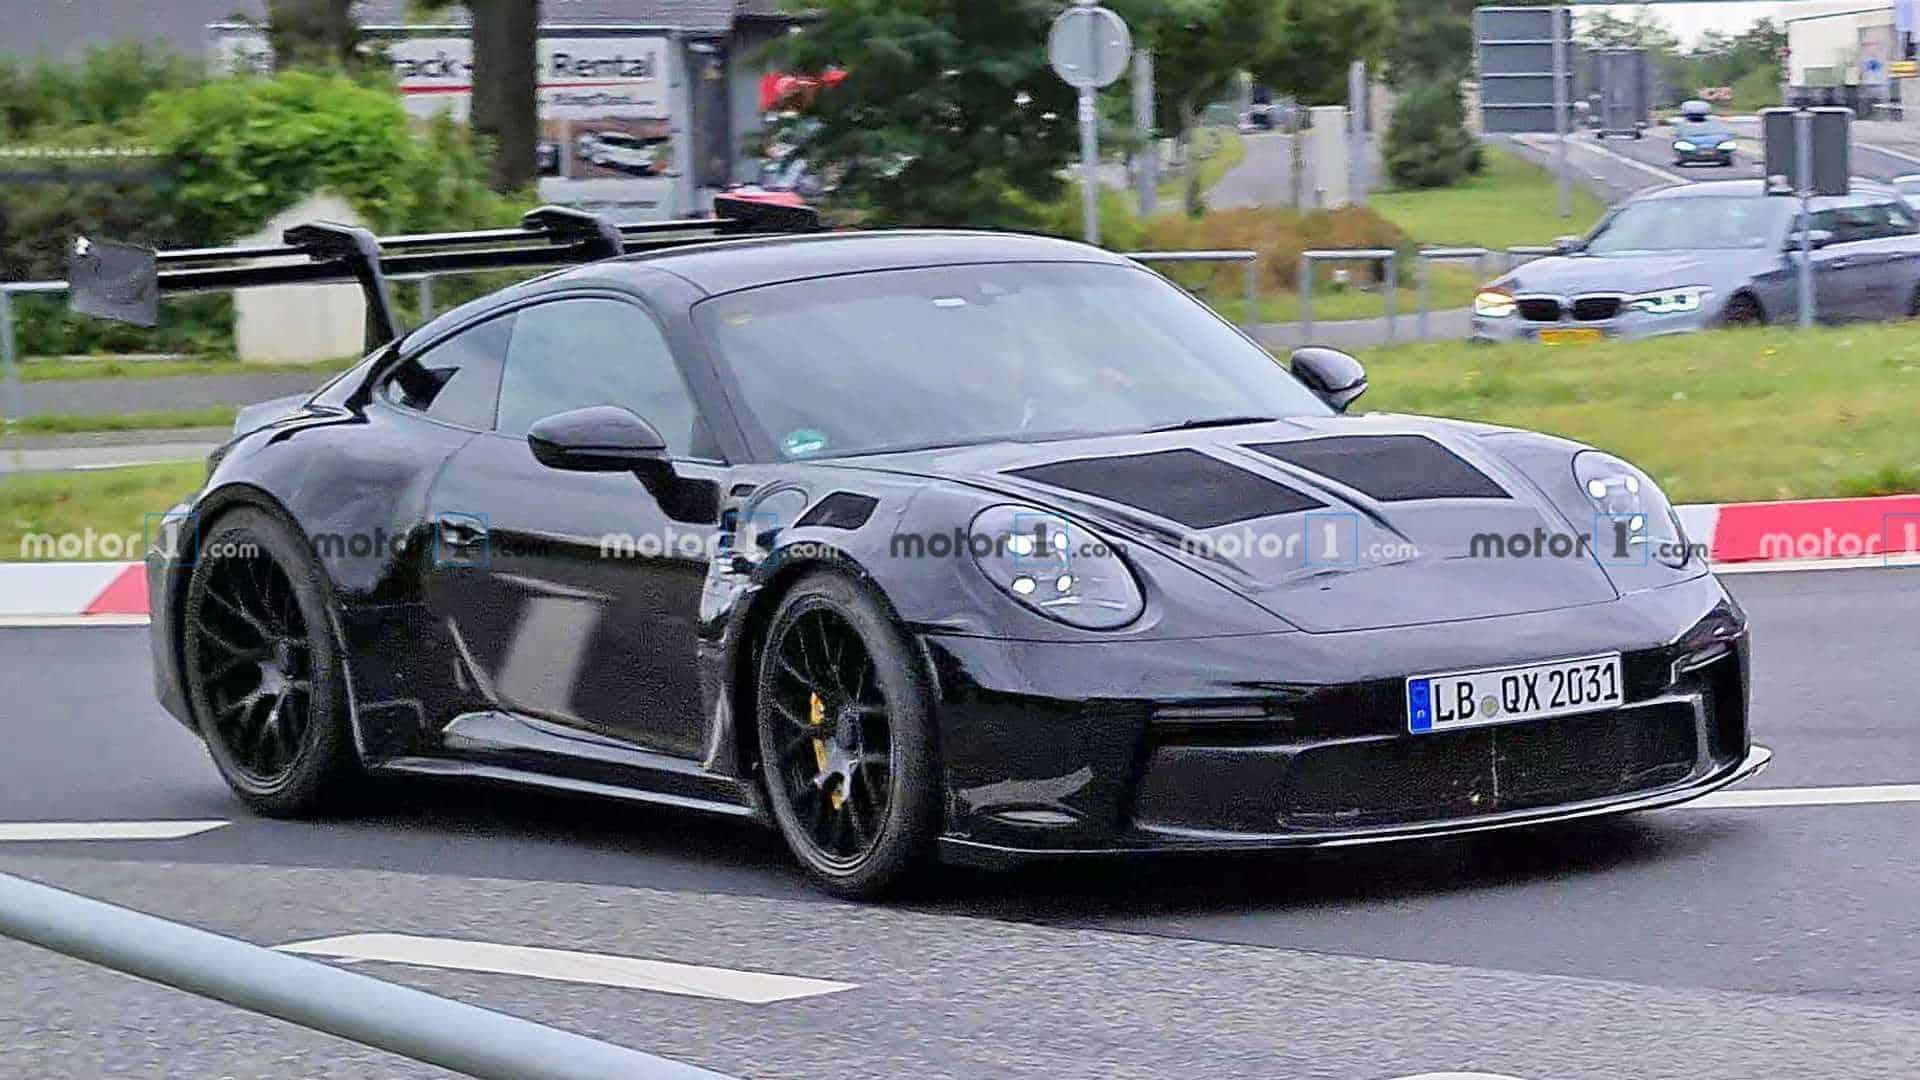 Proximo Porsche 911 Gt3 Rs Visto Na Rua Maistecnologia